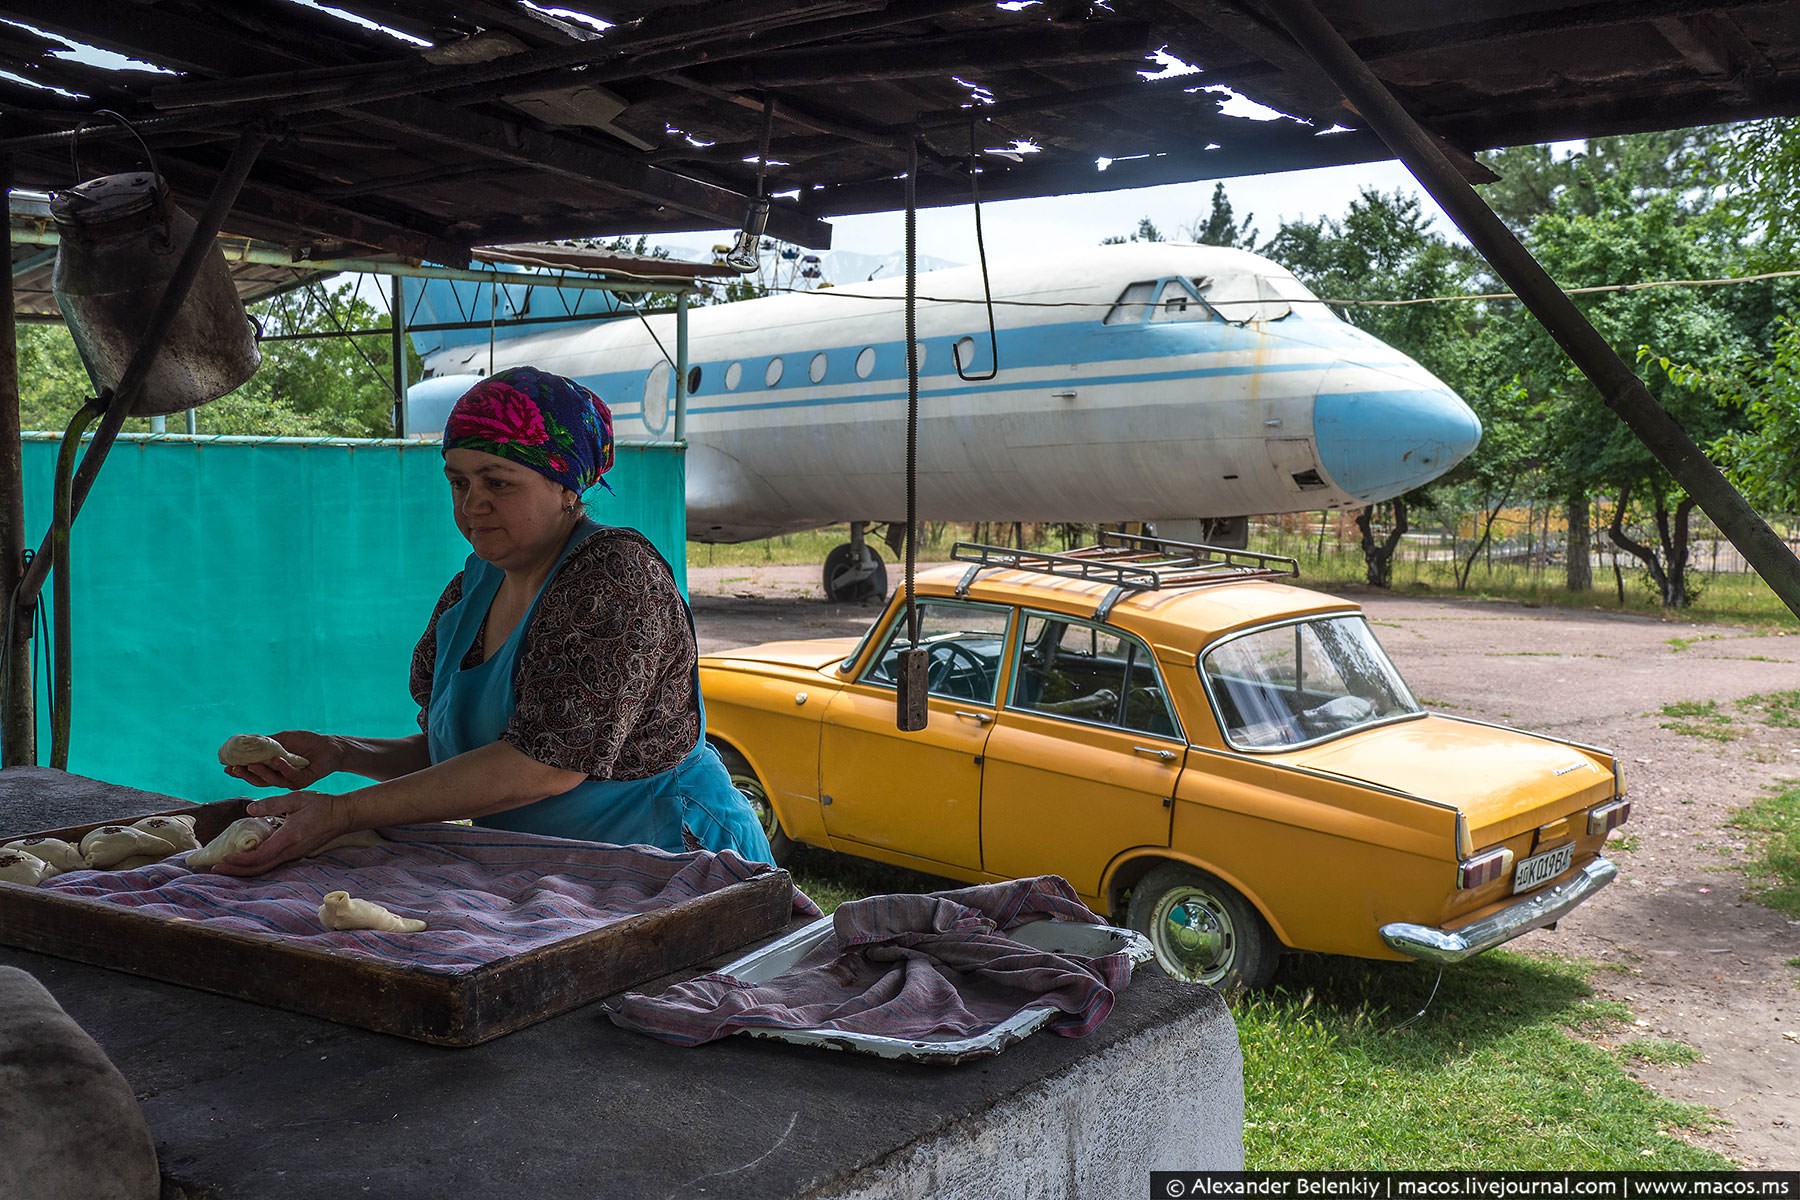 Жизнь после смерти. Что узбеки сотворили с самолётами-памятниками